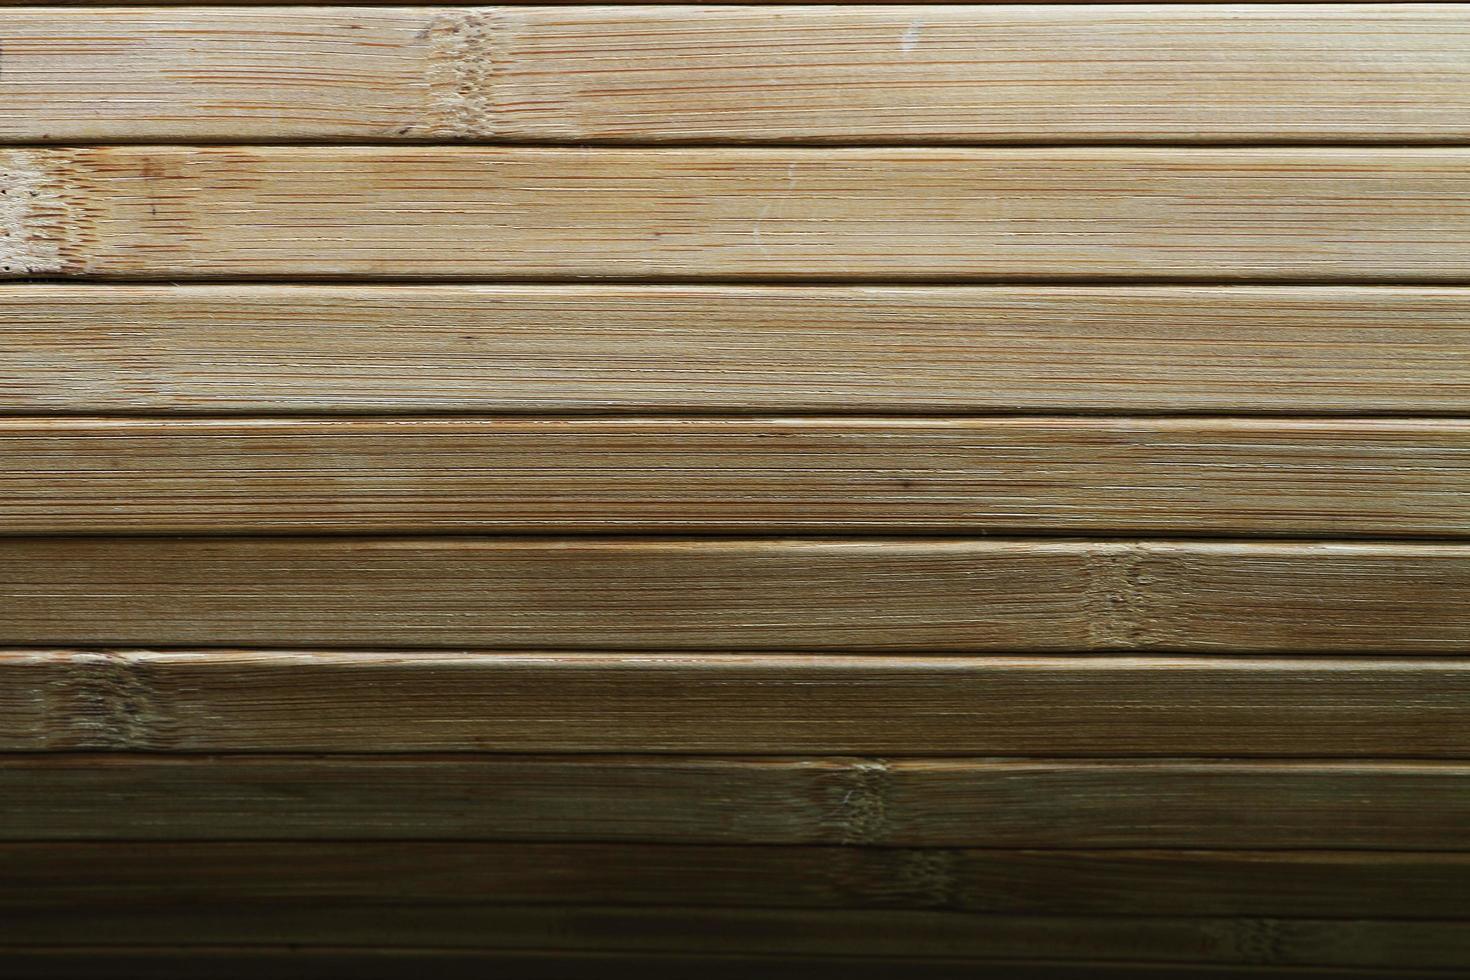 stores en bois massif de qualité. photo